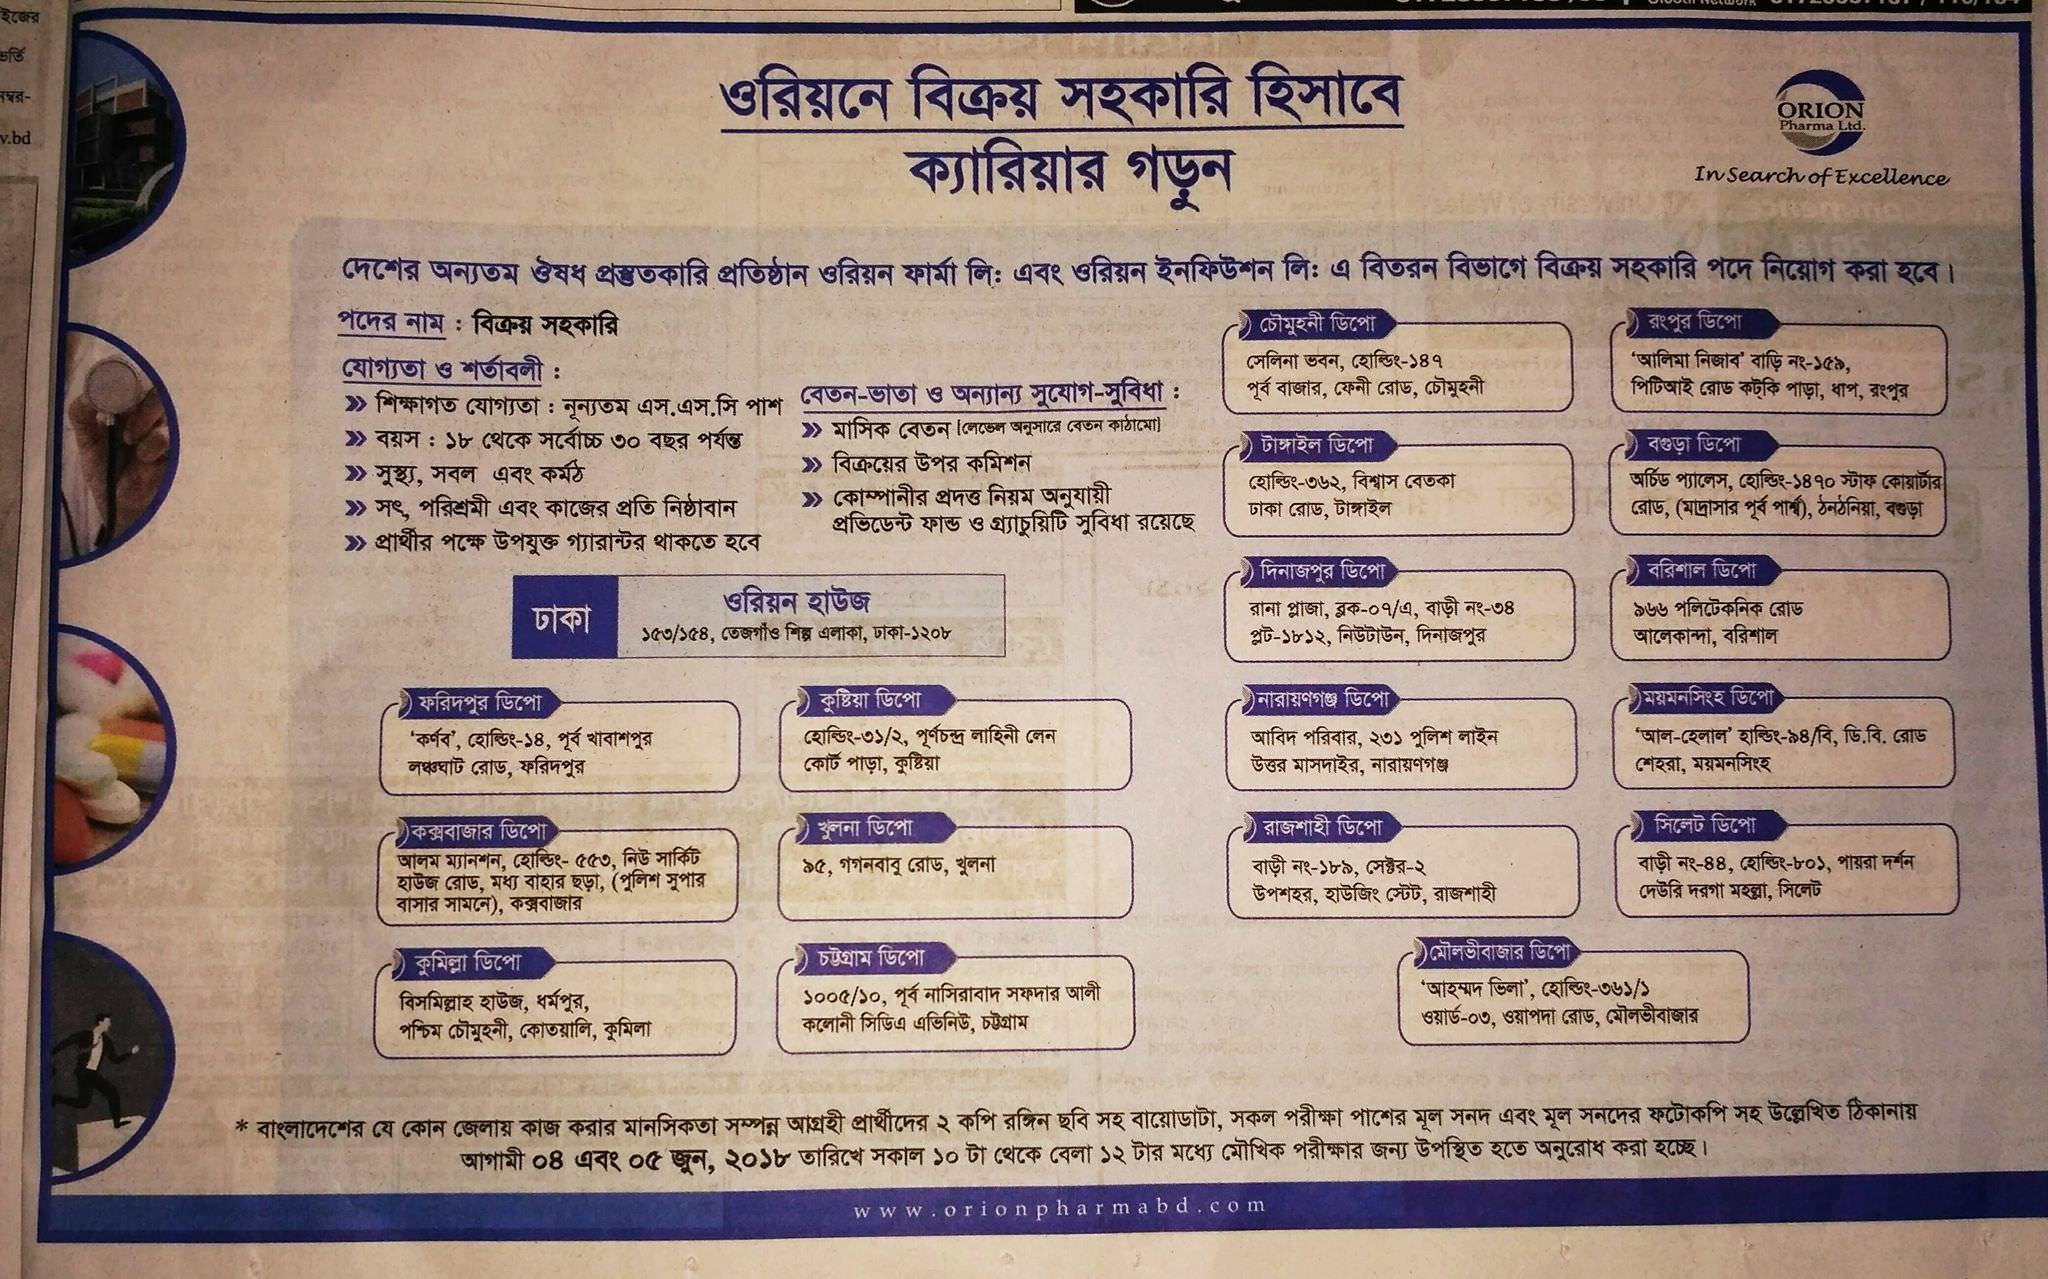 Orion Pharma Limited Job Circular 2018